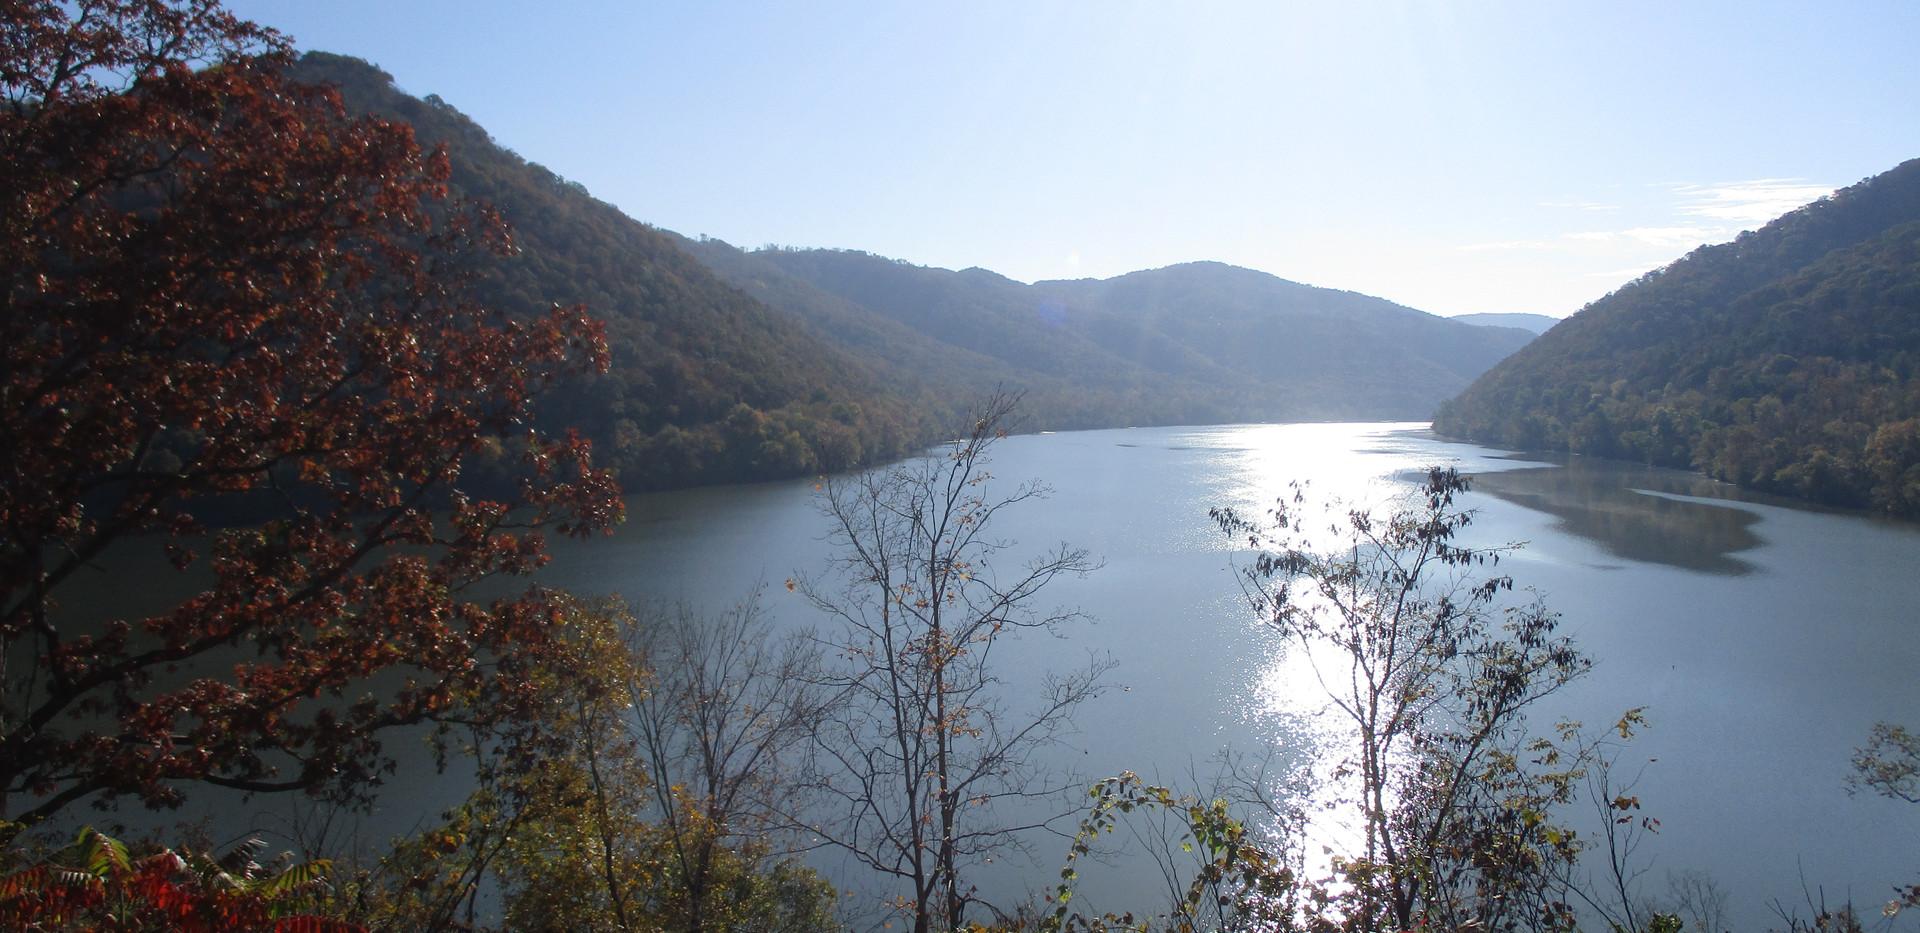 Early morning at Bluestone Lake